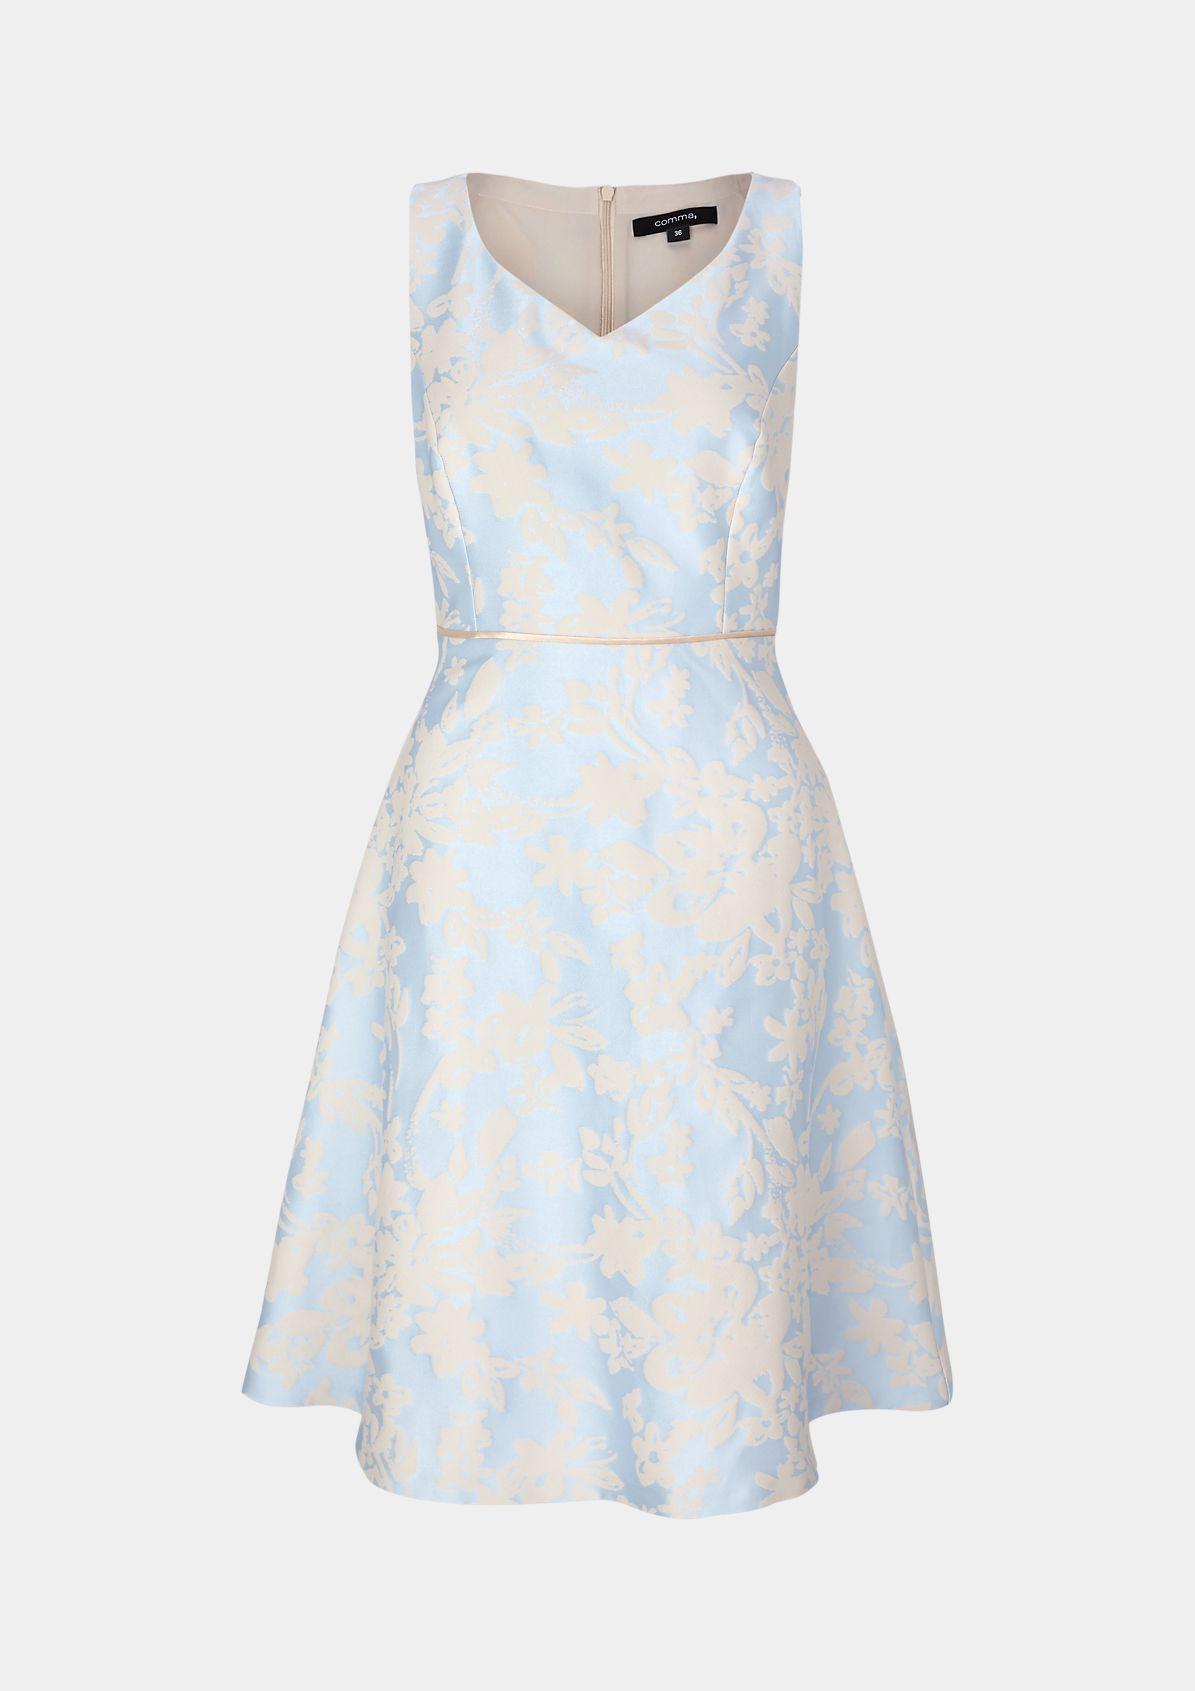 24 Hellblaues Kleid Von Comma  Milan Ray Filmsammlung